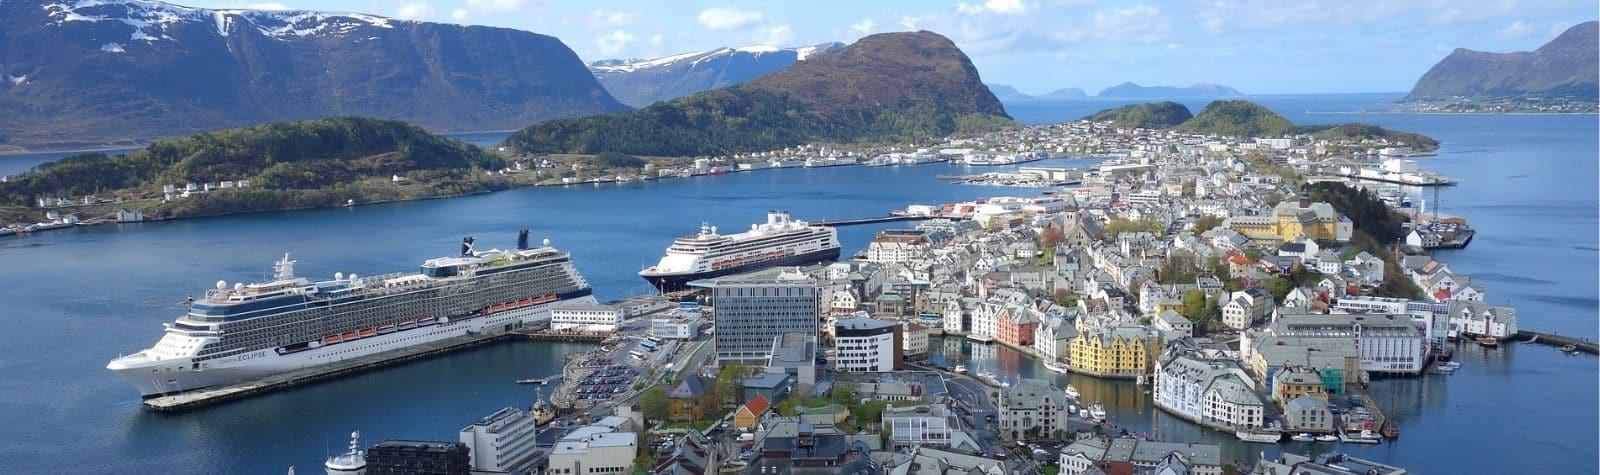 10 najbardziej popularnych miast w Norwegii